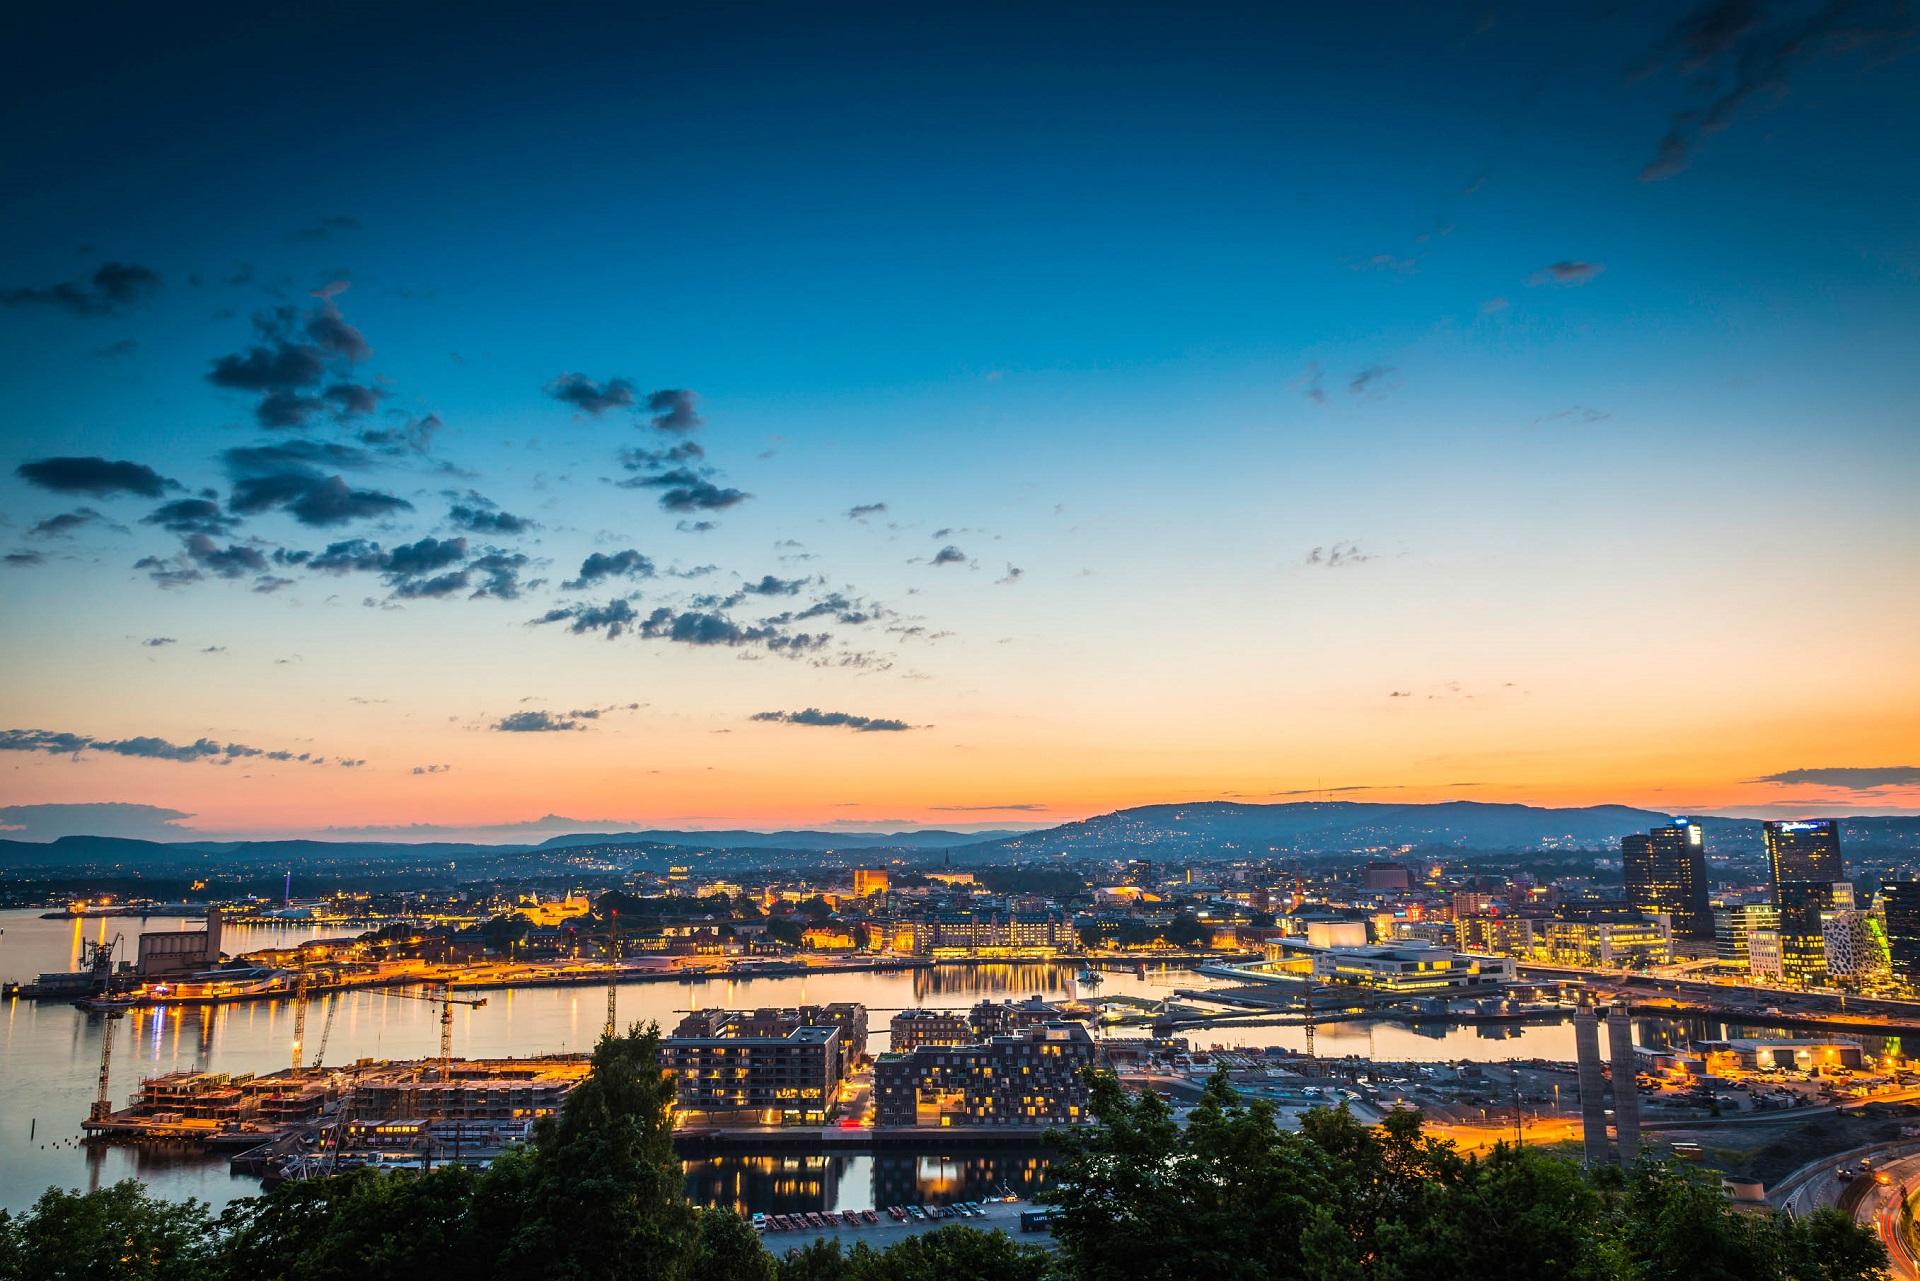 Fotos De Skyline >> Oslo Tipps - Die besten Ideen für einen Städtetrip nach Oslo